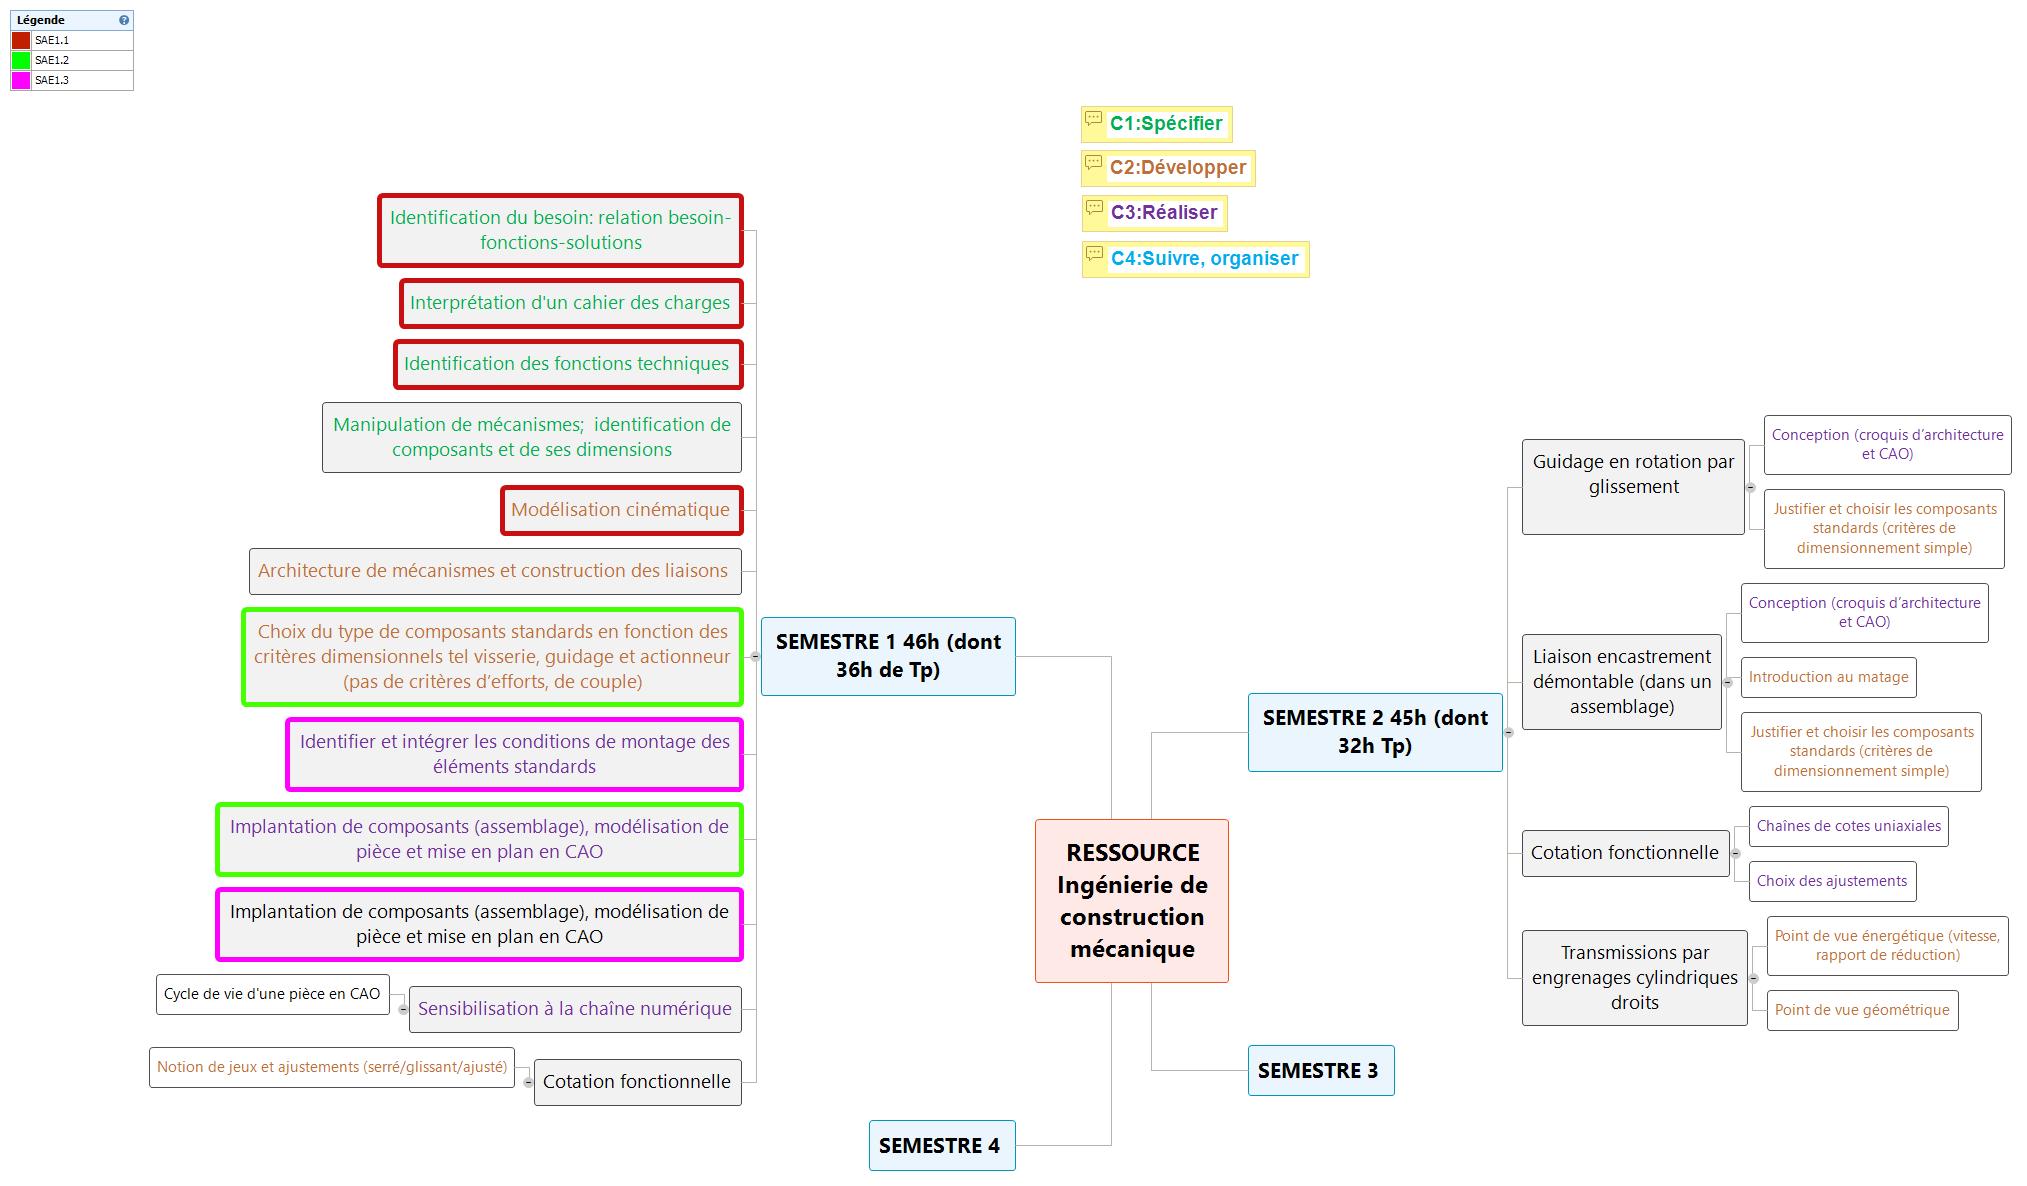 MODULE Ingénierie de construction mécanique Mind Maps